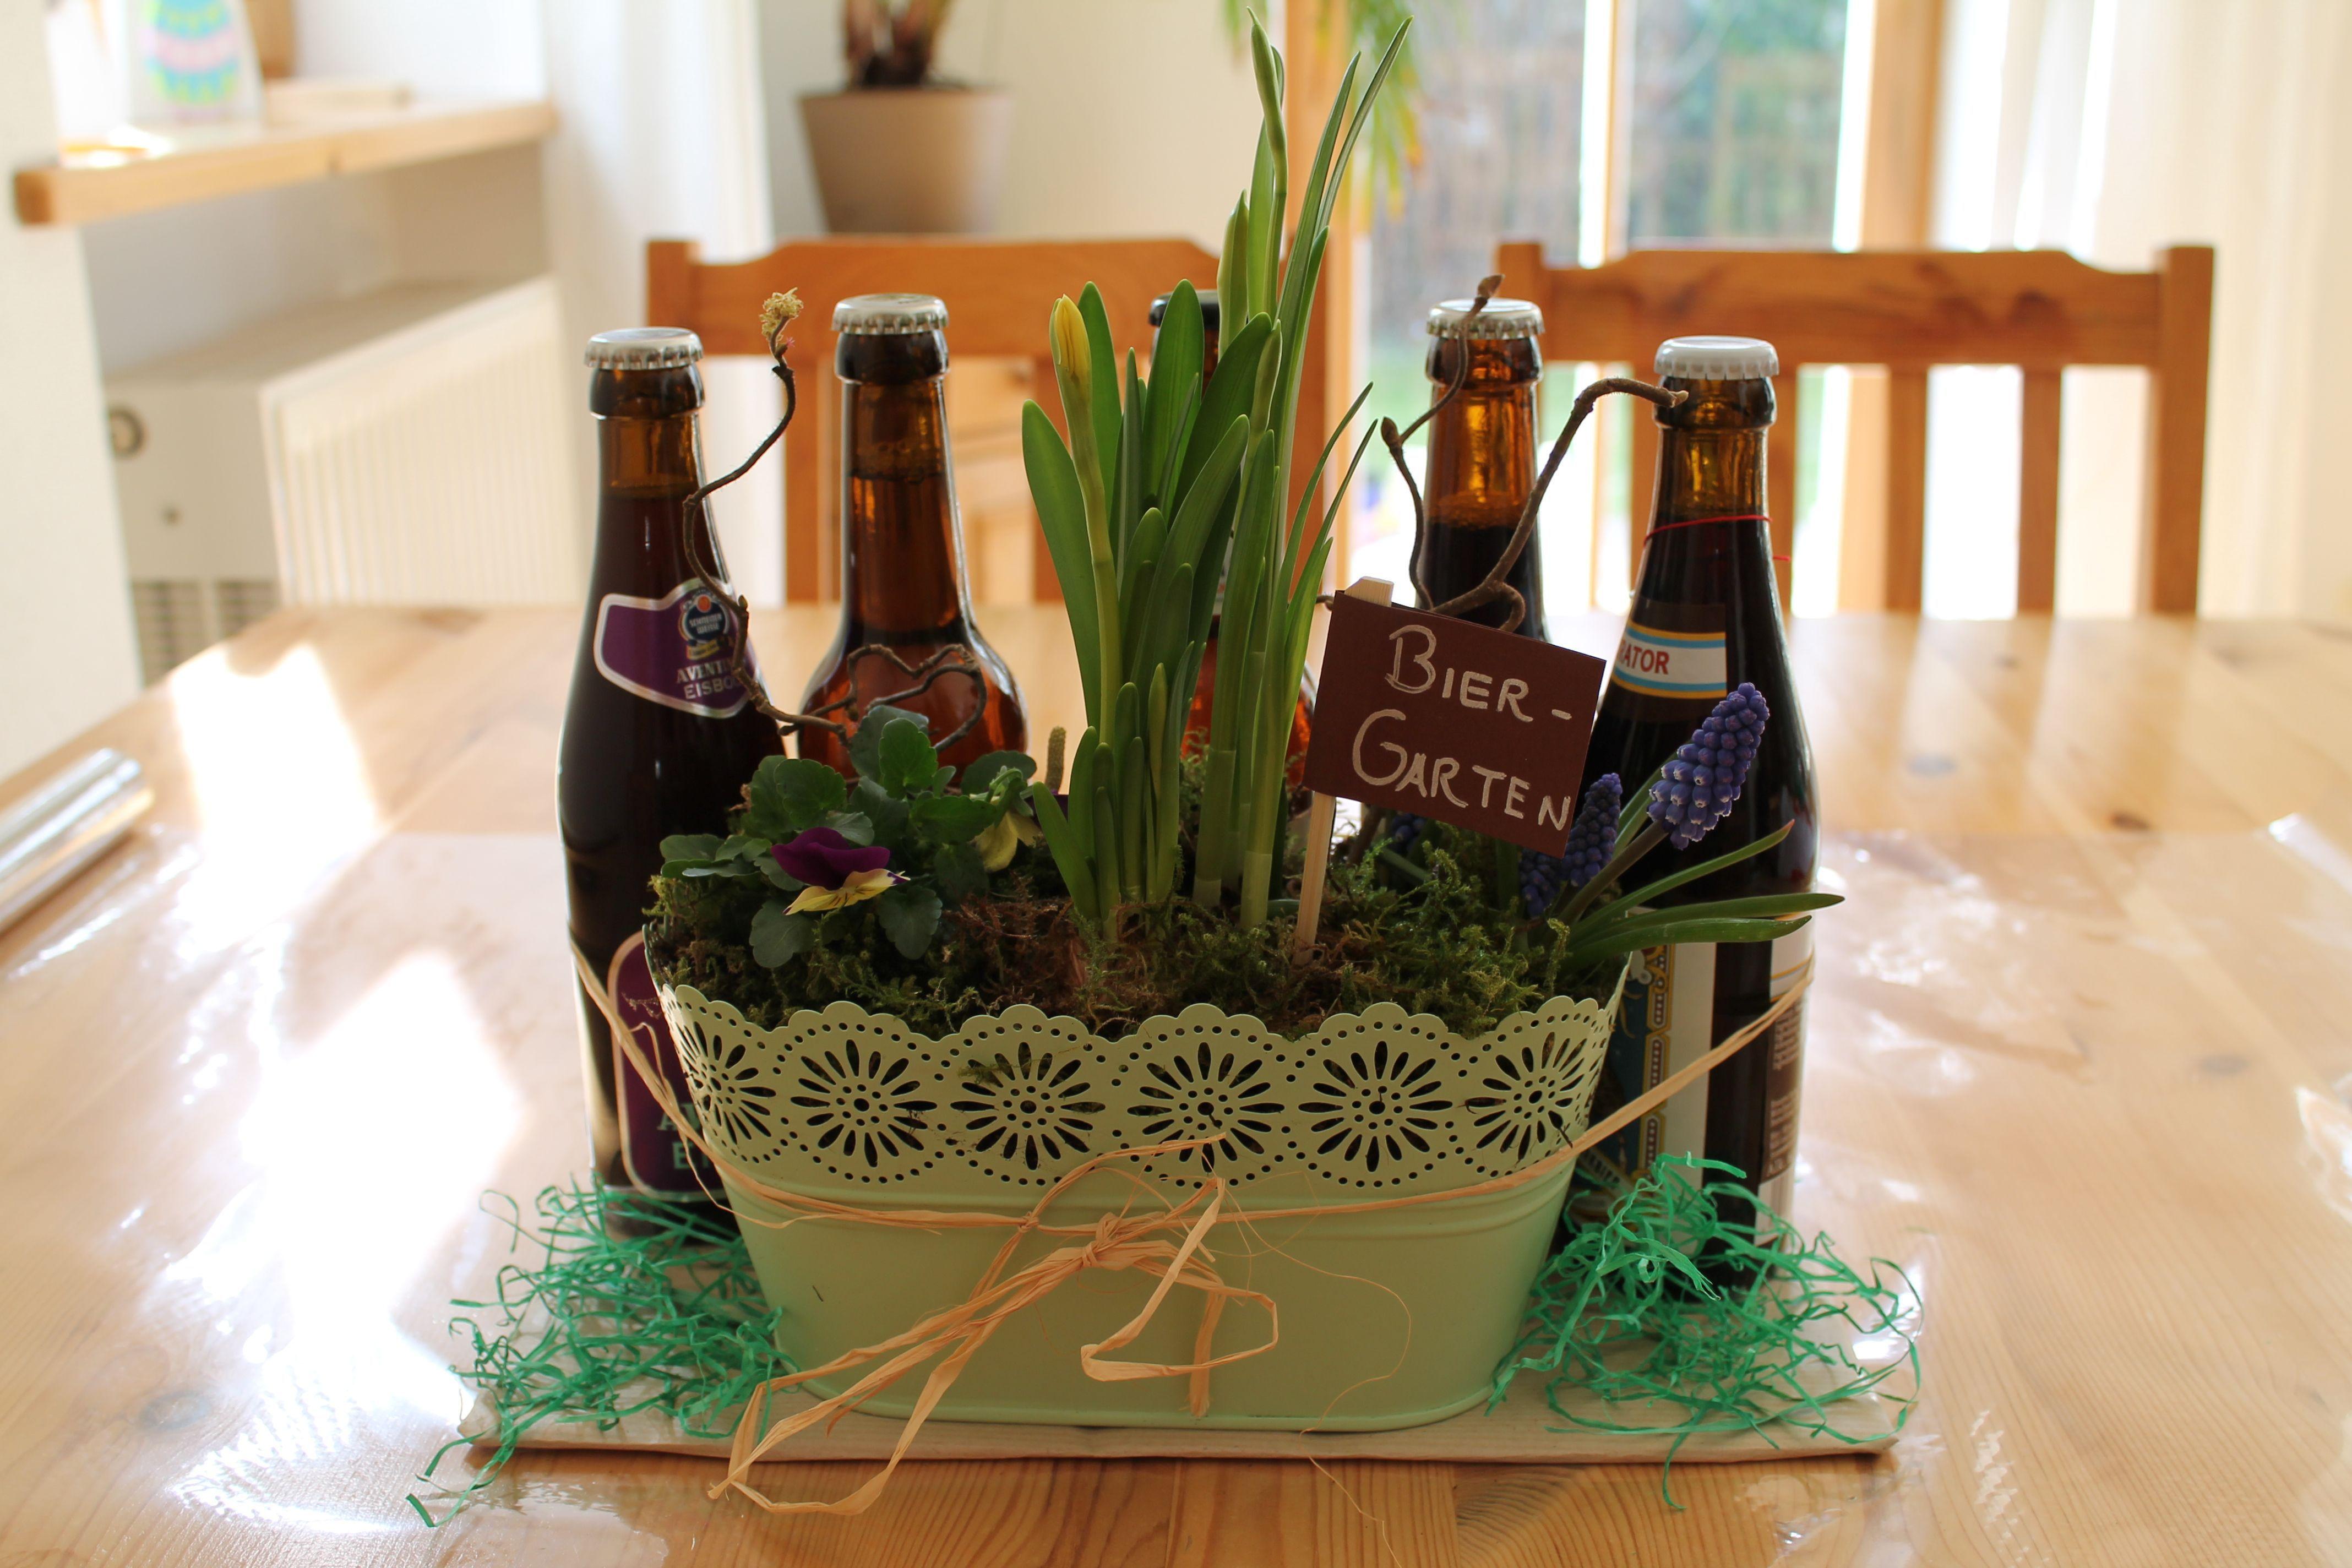 Biergarten basteln - Geschenkideen für Männer